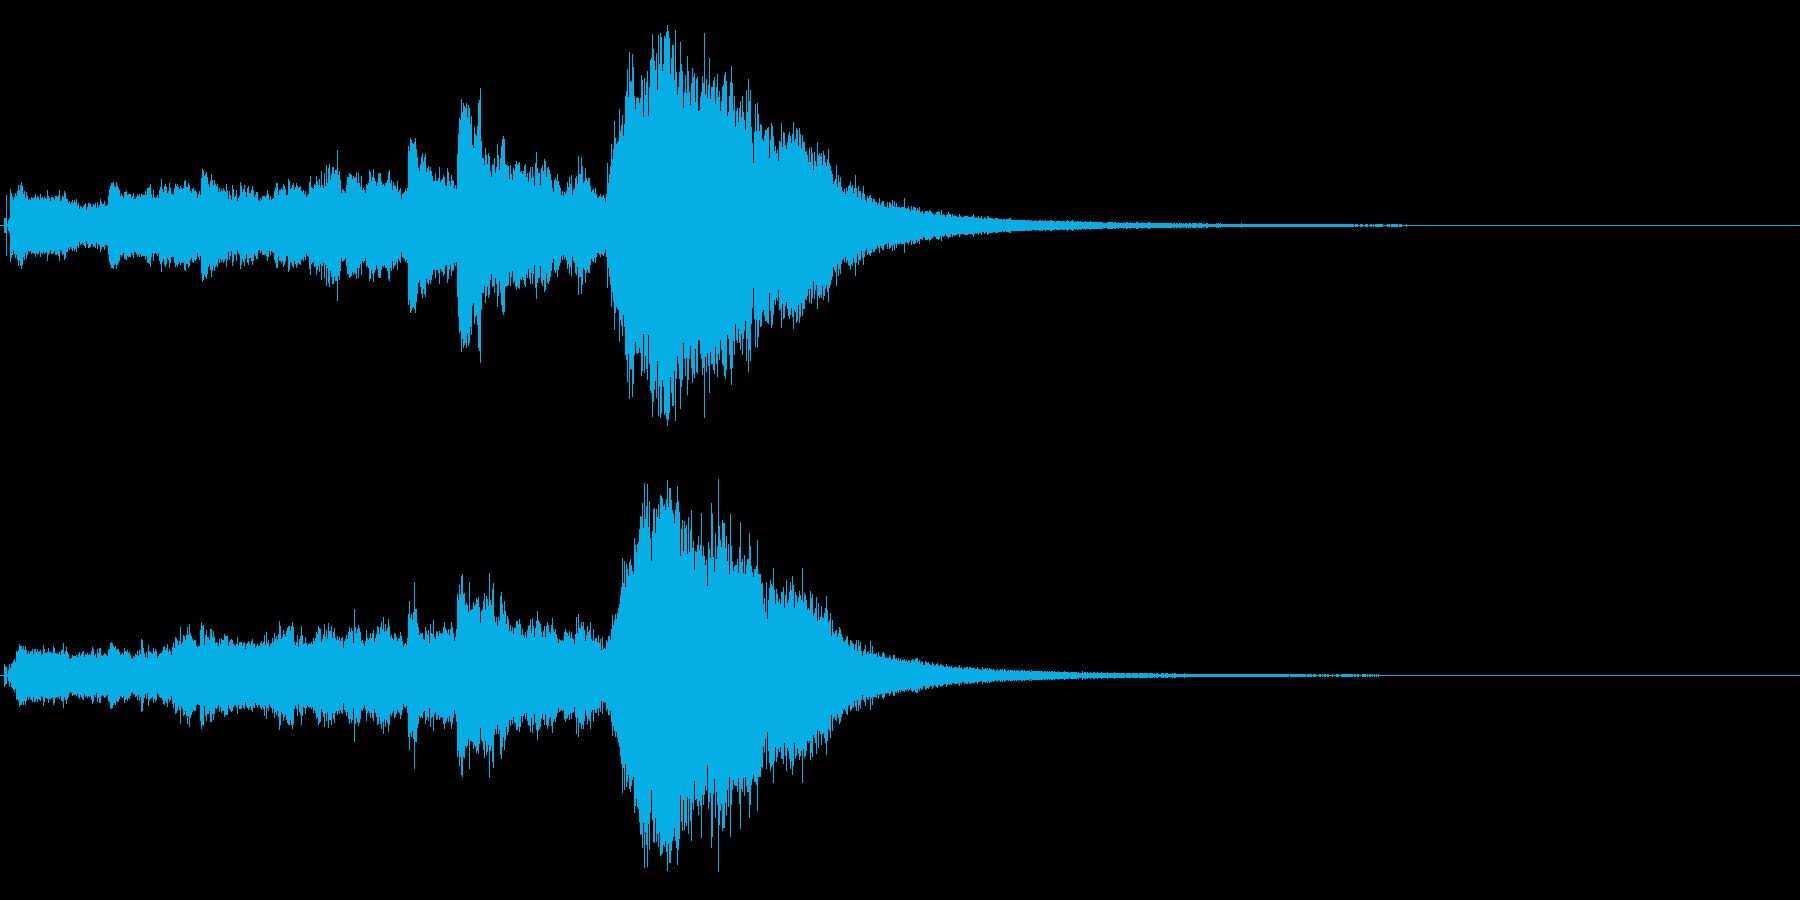 クリスマスベル&ボイスのサウンドロゴ!3の再生済みの波形